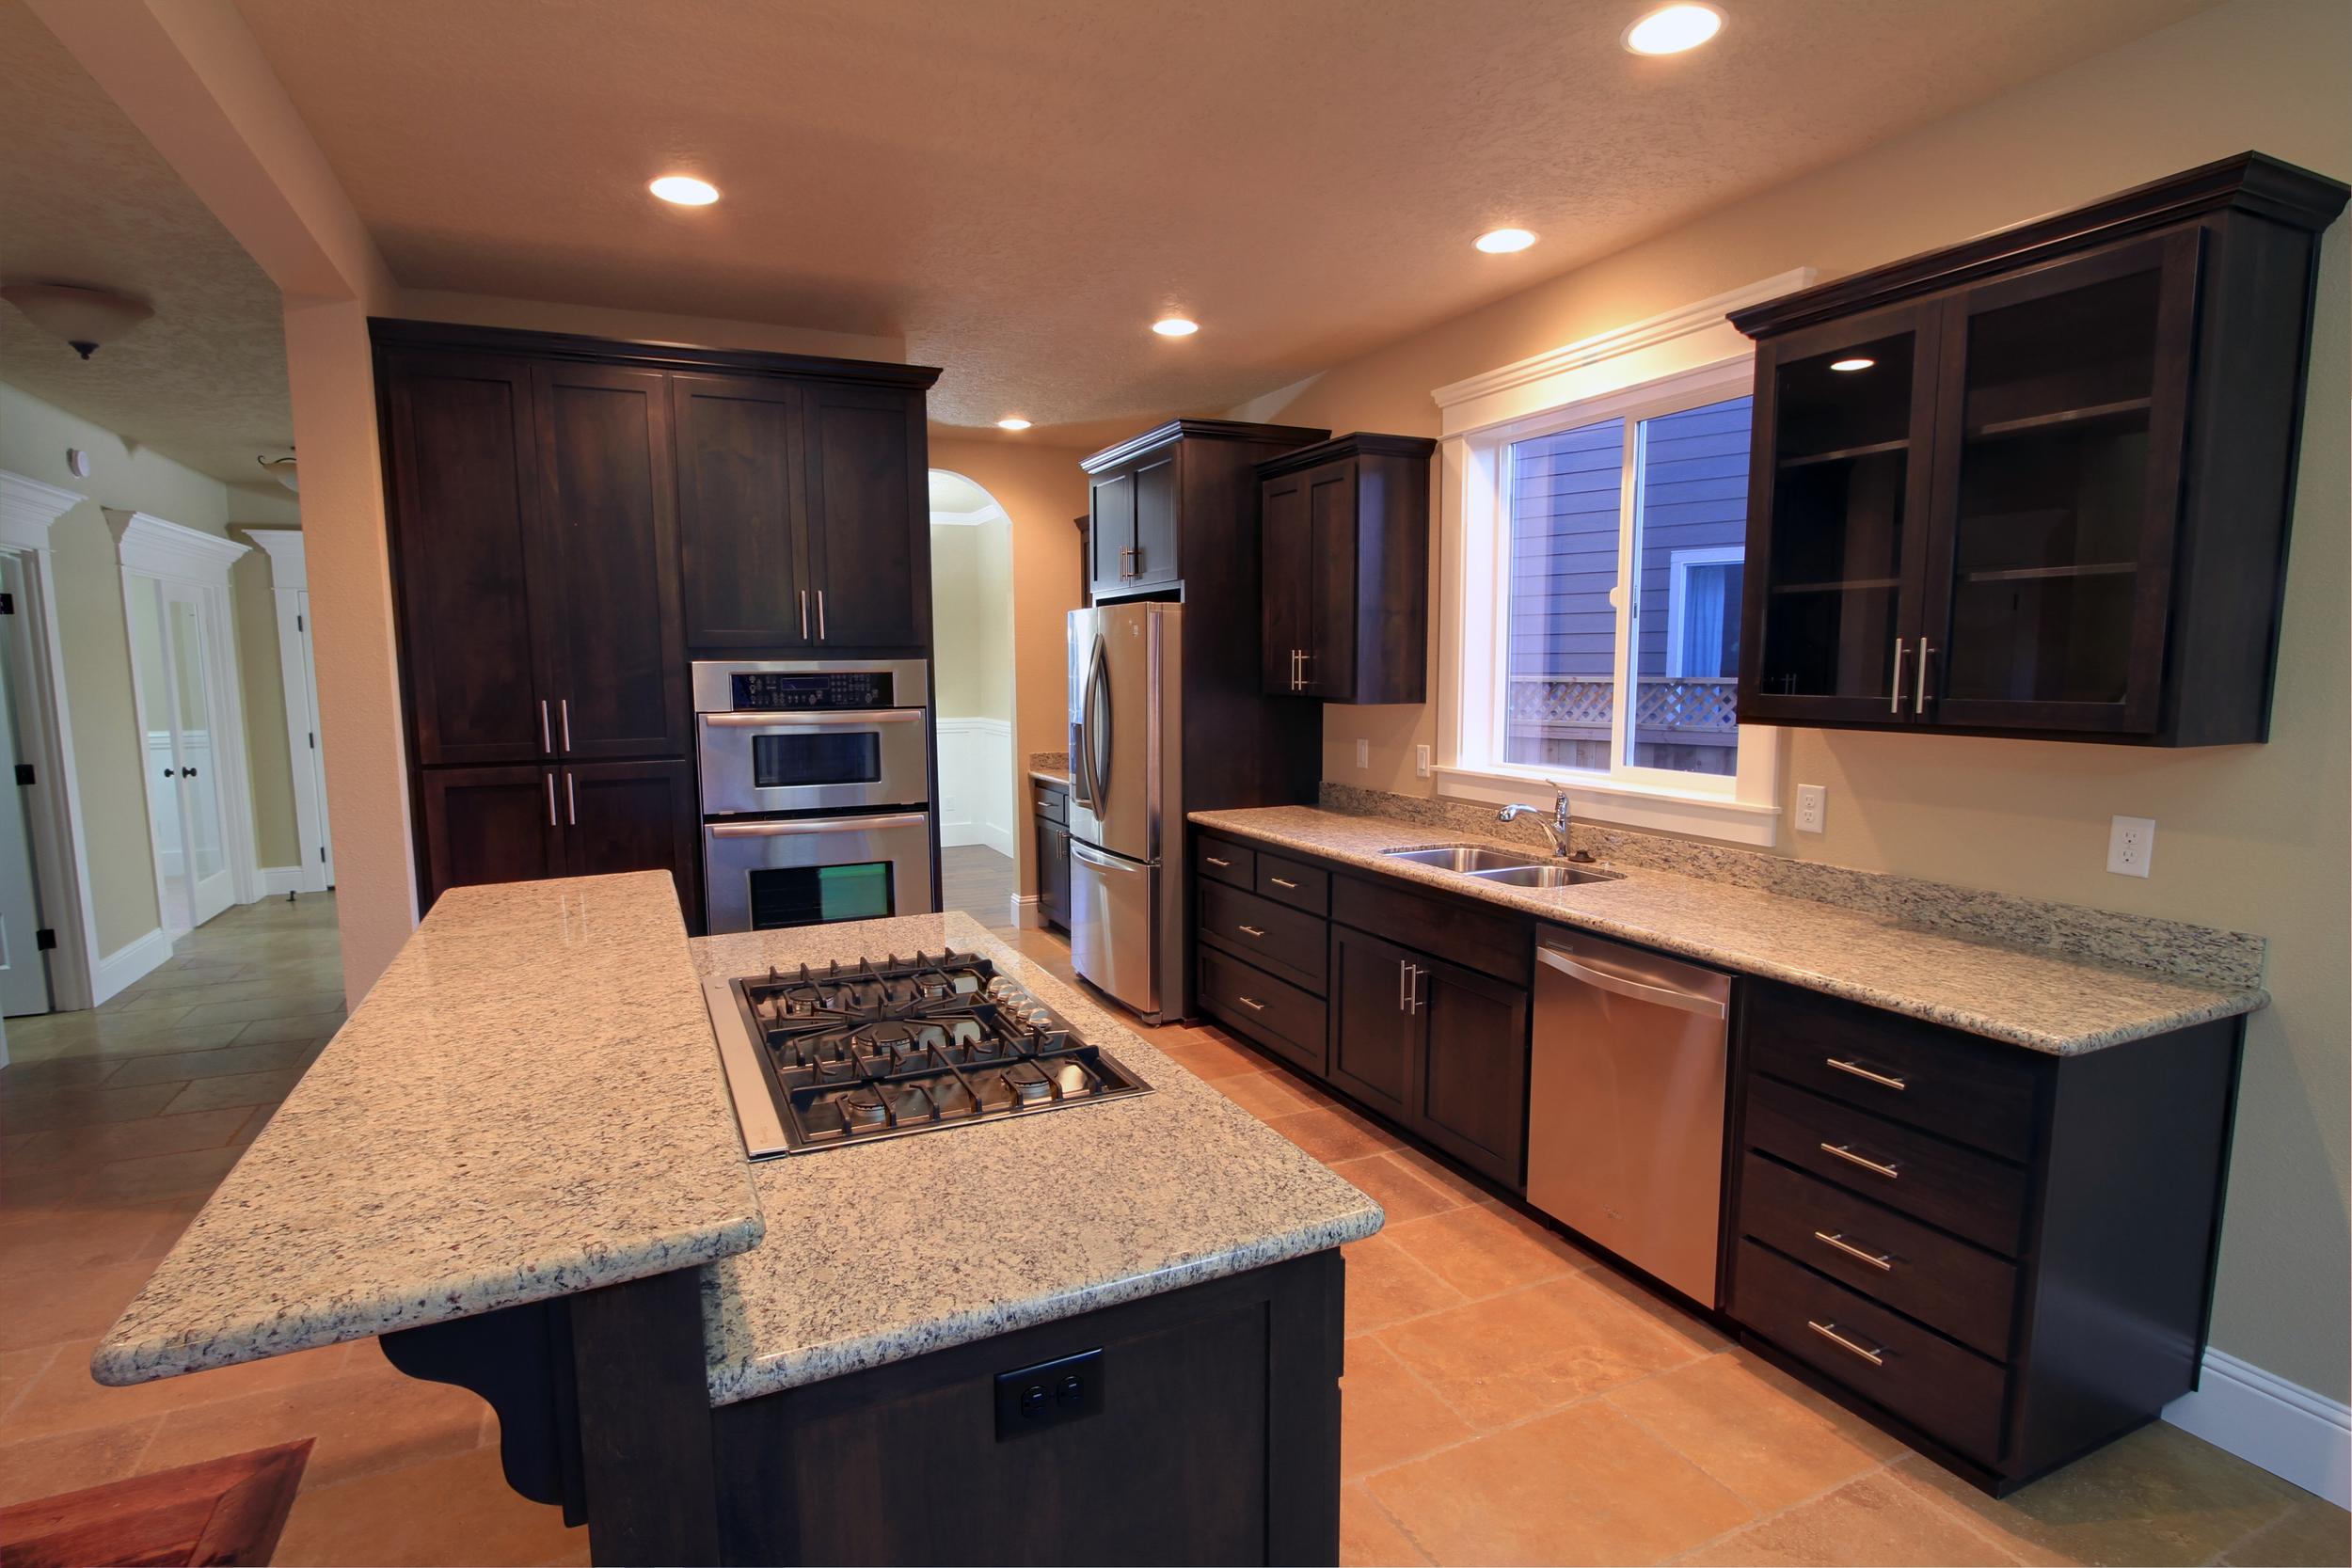 H1 Kitchen_7059.jpg